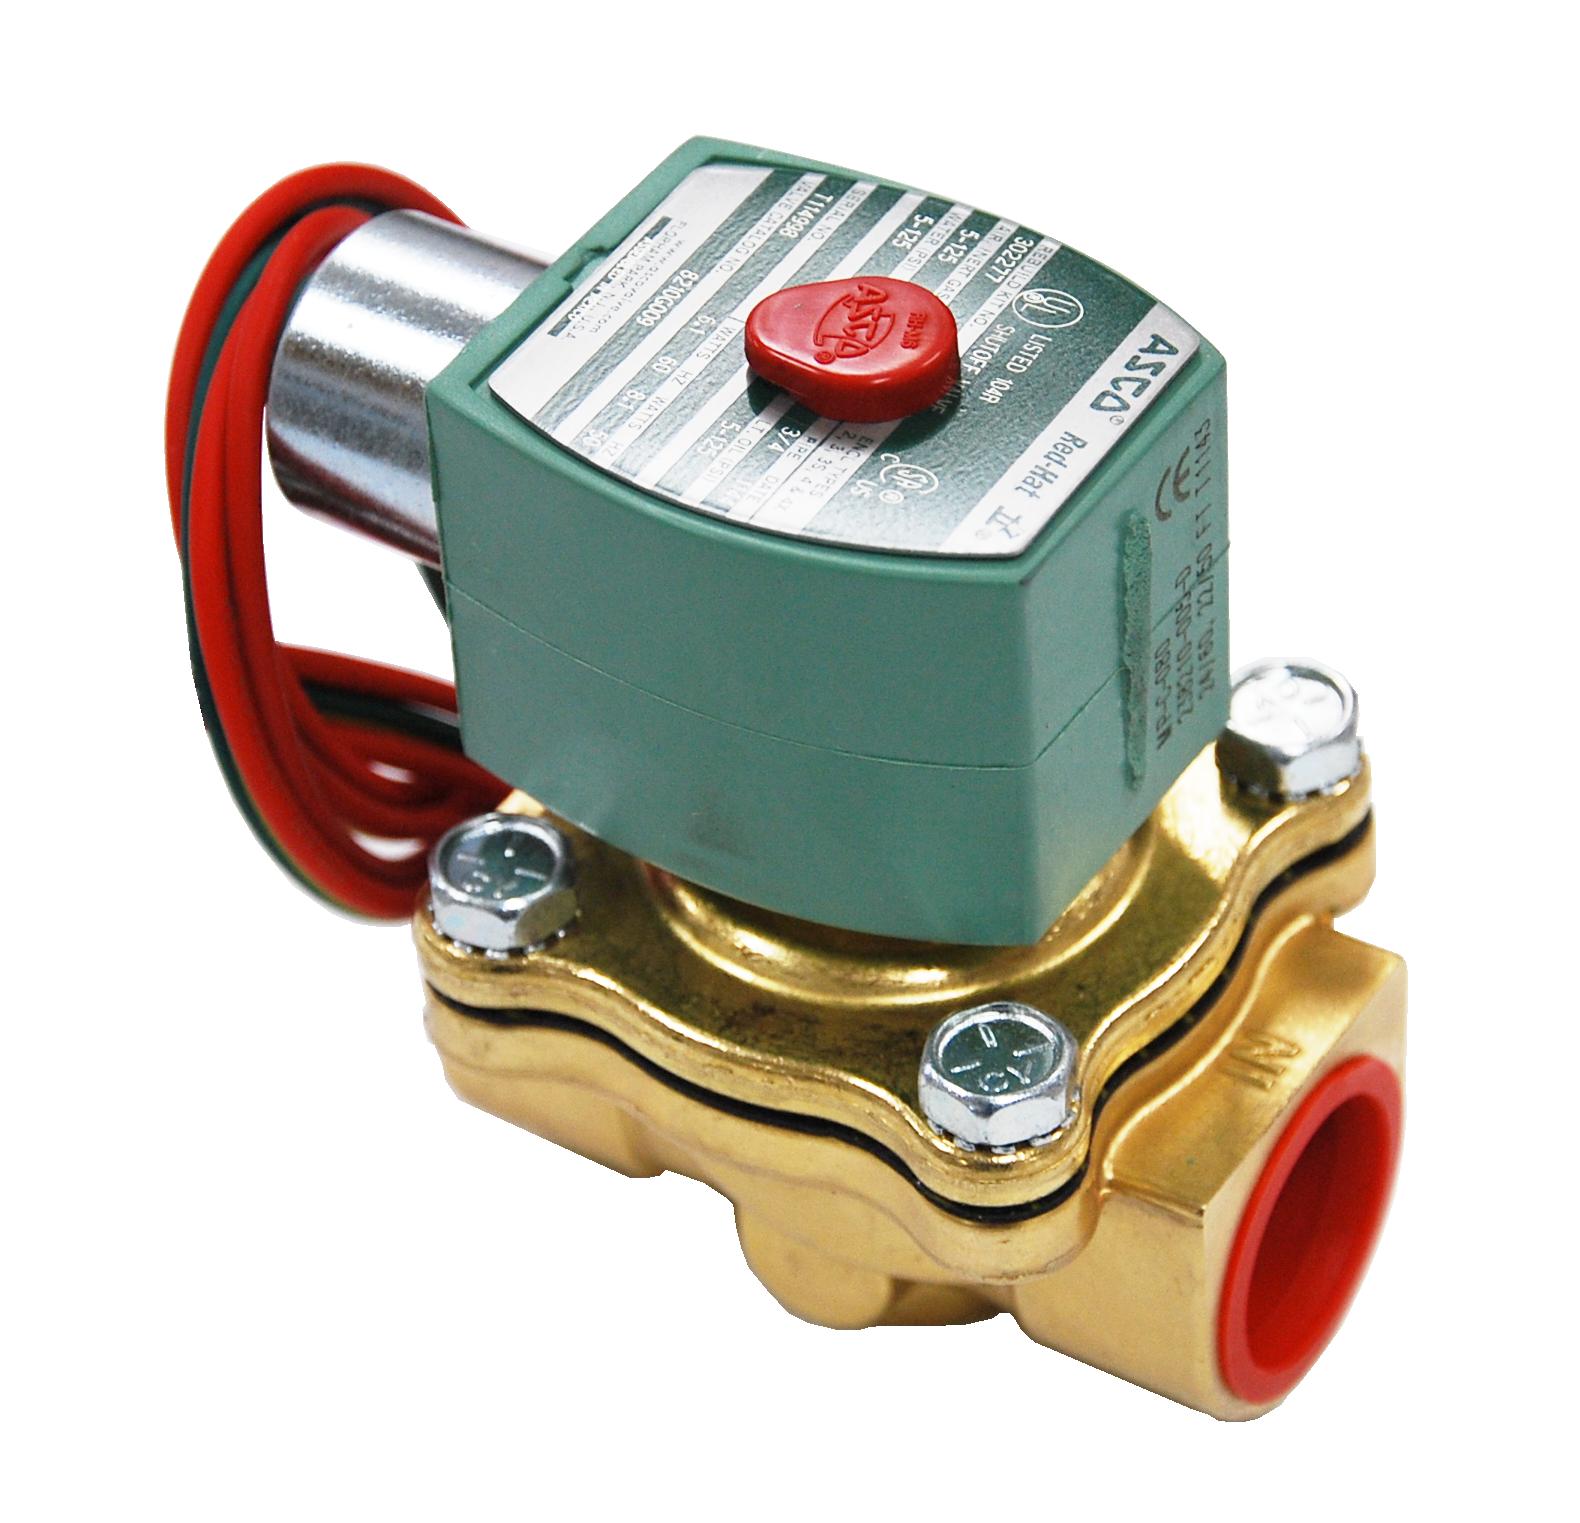 asco redhat solenoid valve manual